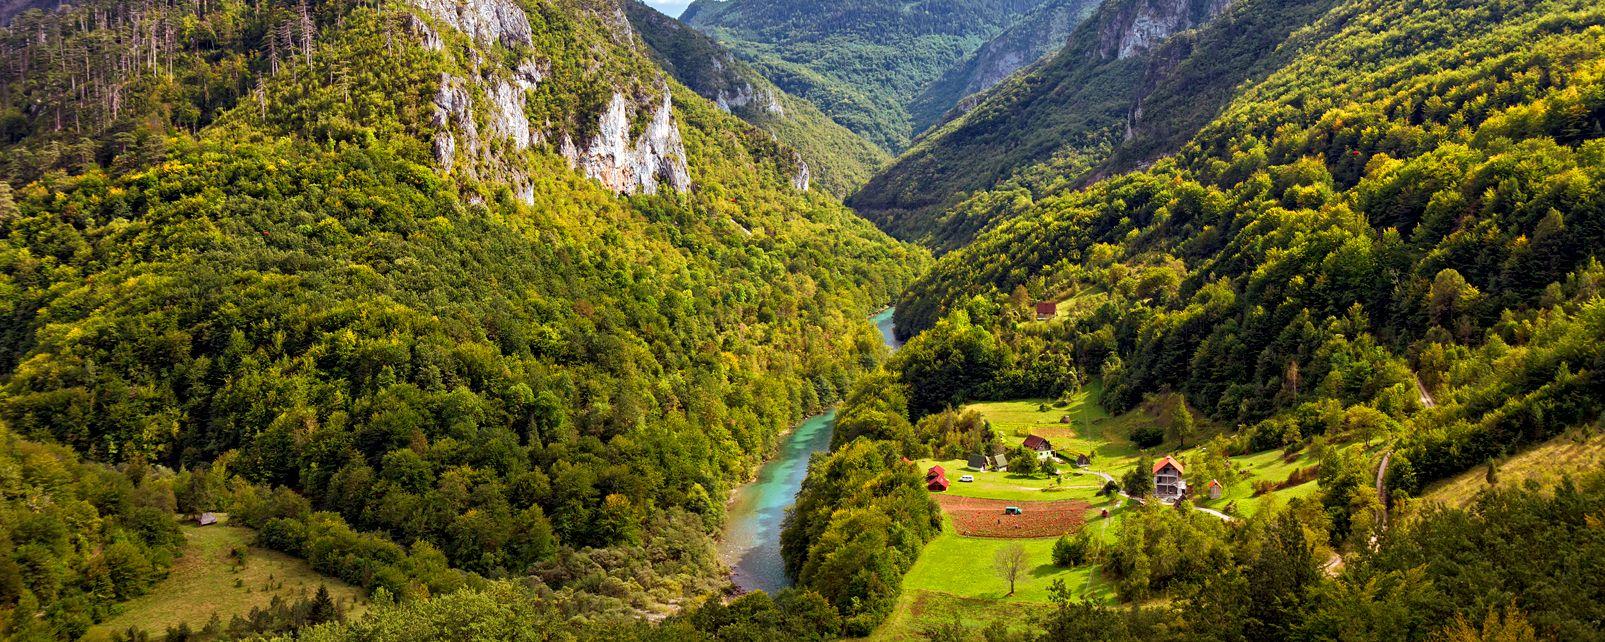 El cañón Tara , Montenegro